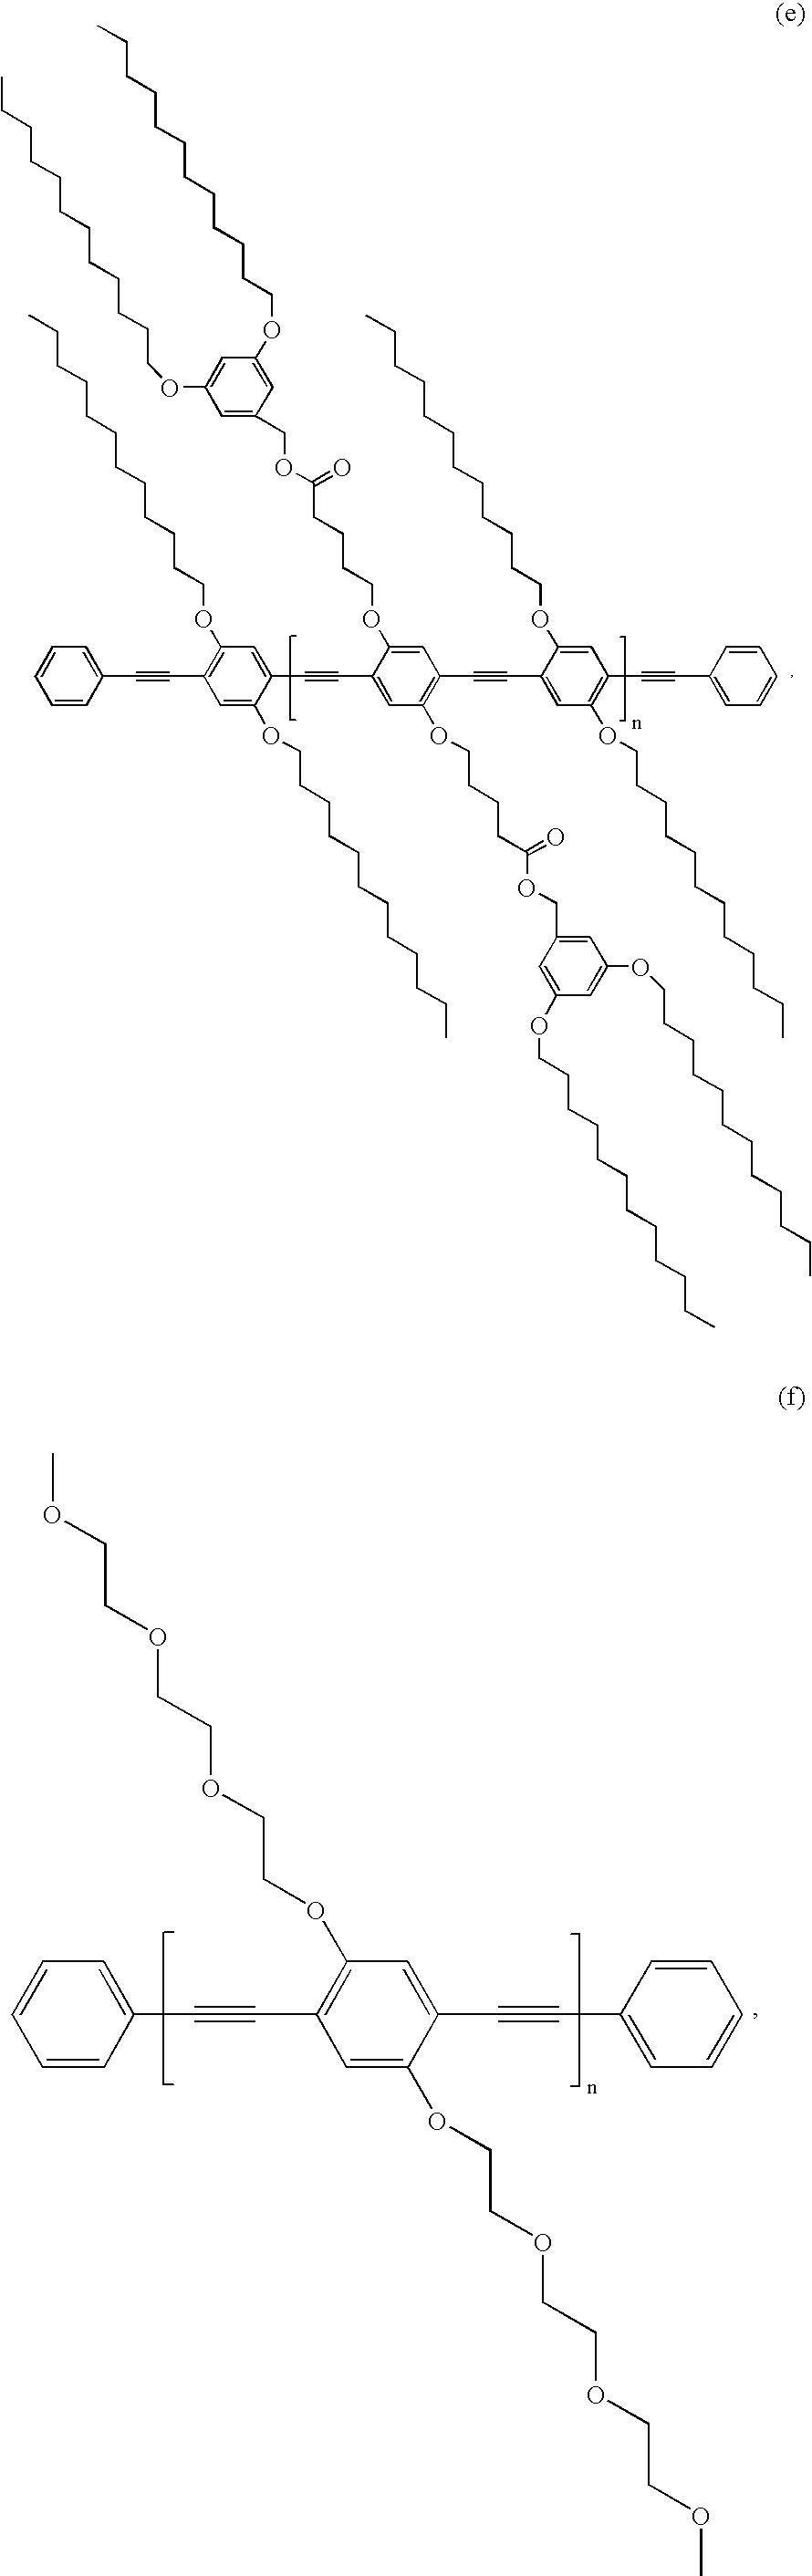 Figure US07479516-20090120-C00099